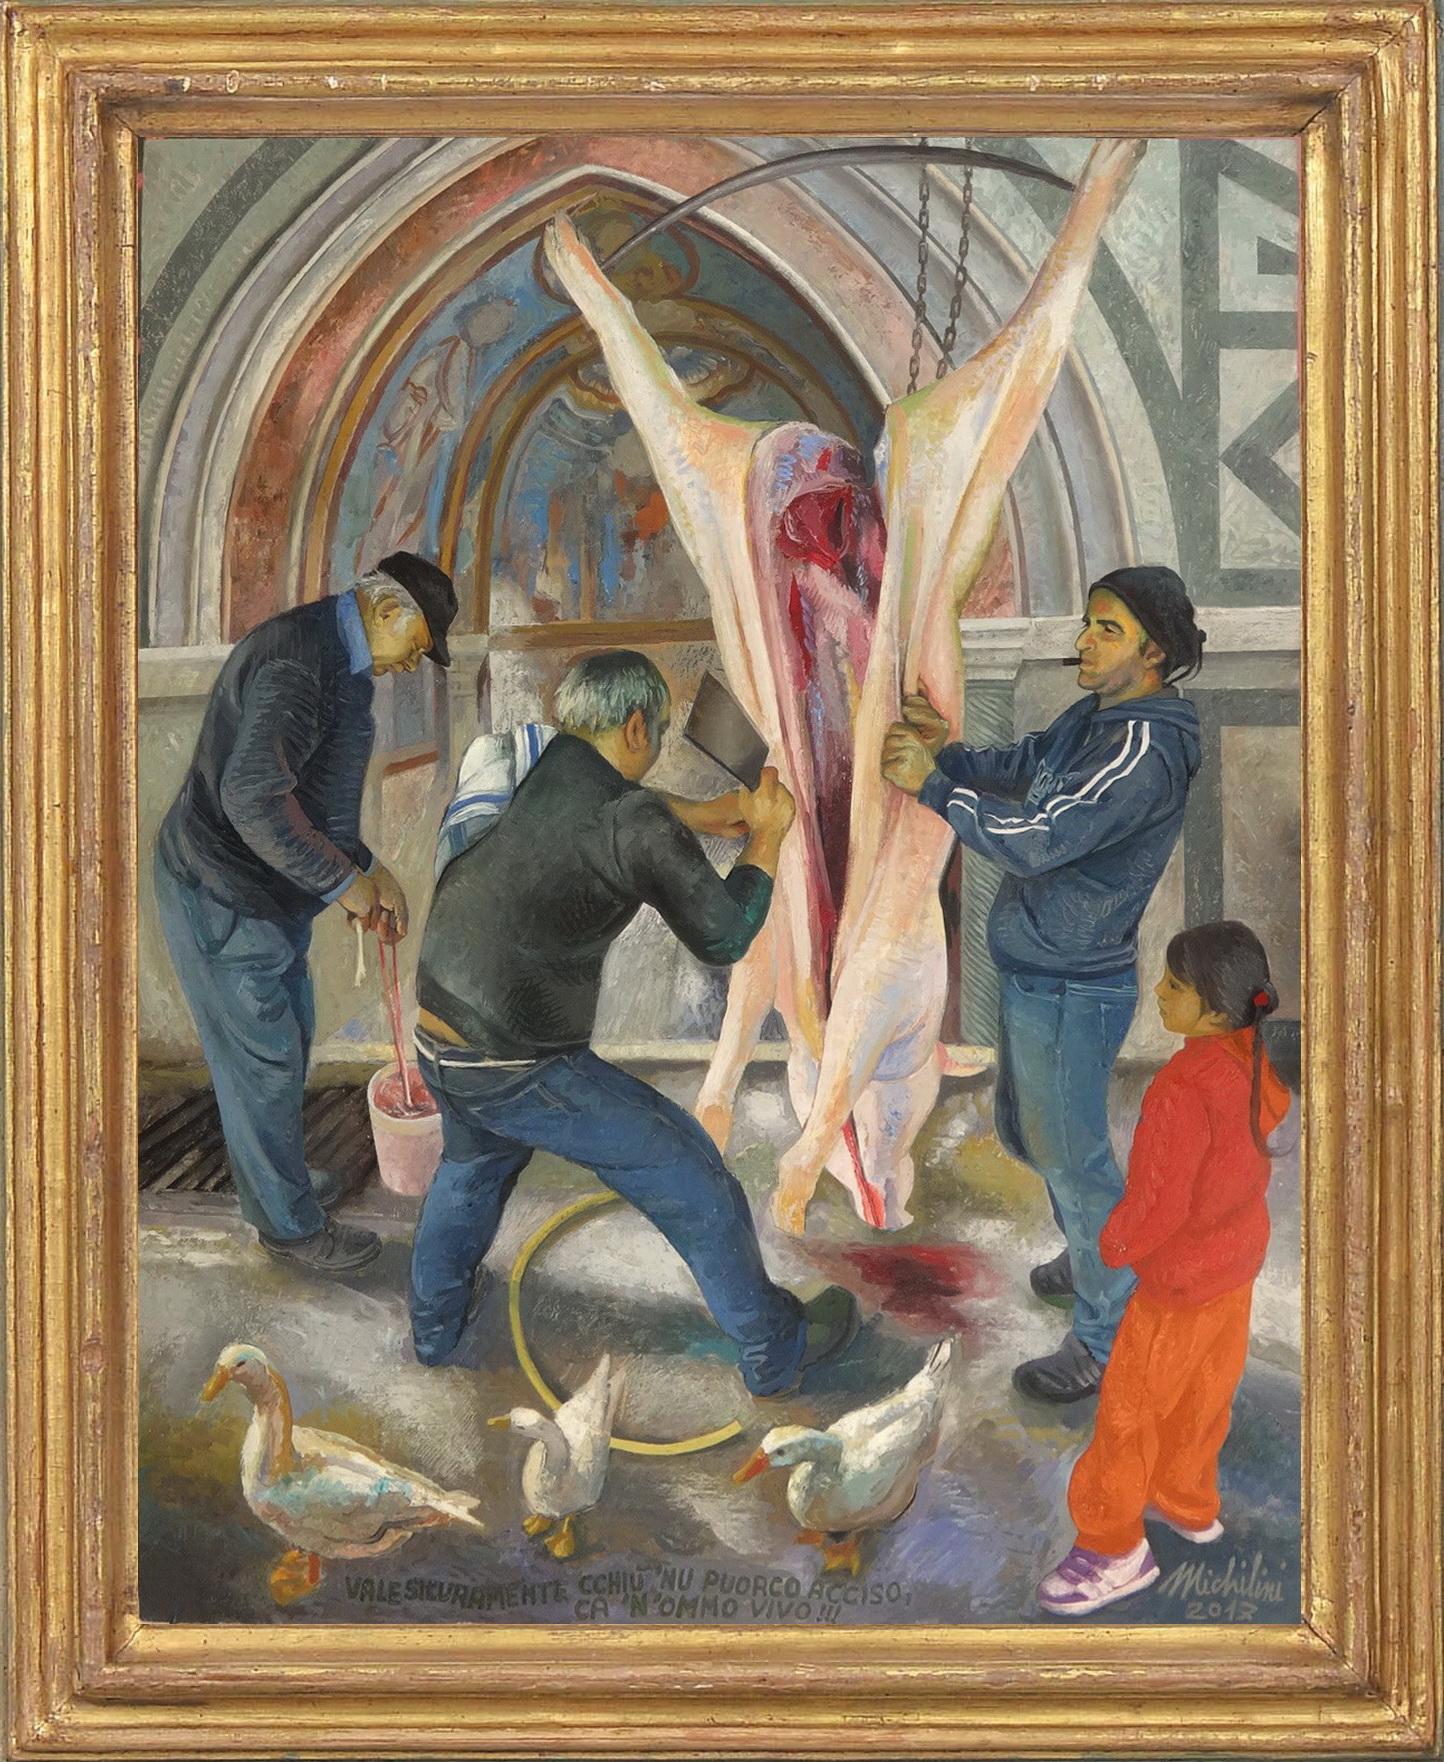 Sergio Michilini, 'NU PUORCO ACCISO, 2017, olio su tela, cm.95x75